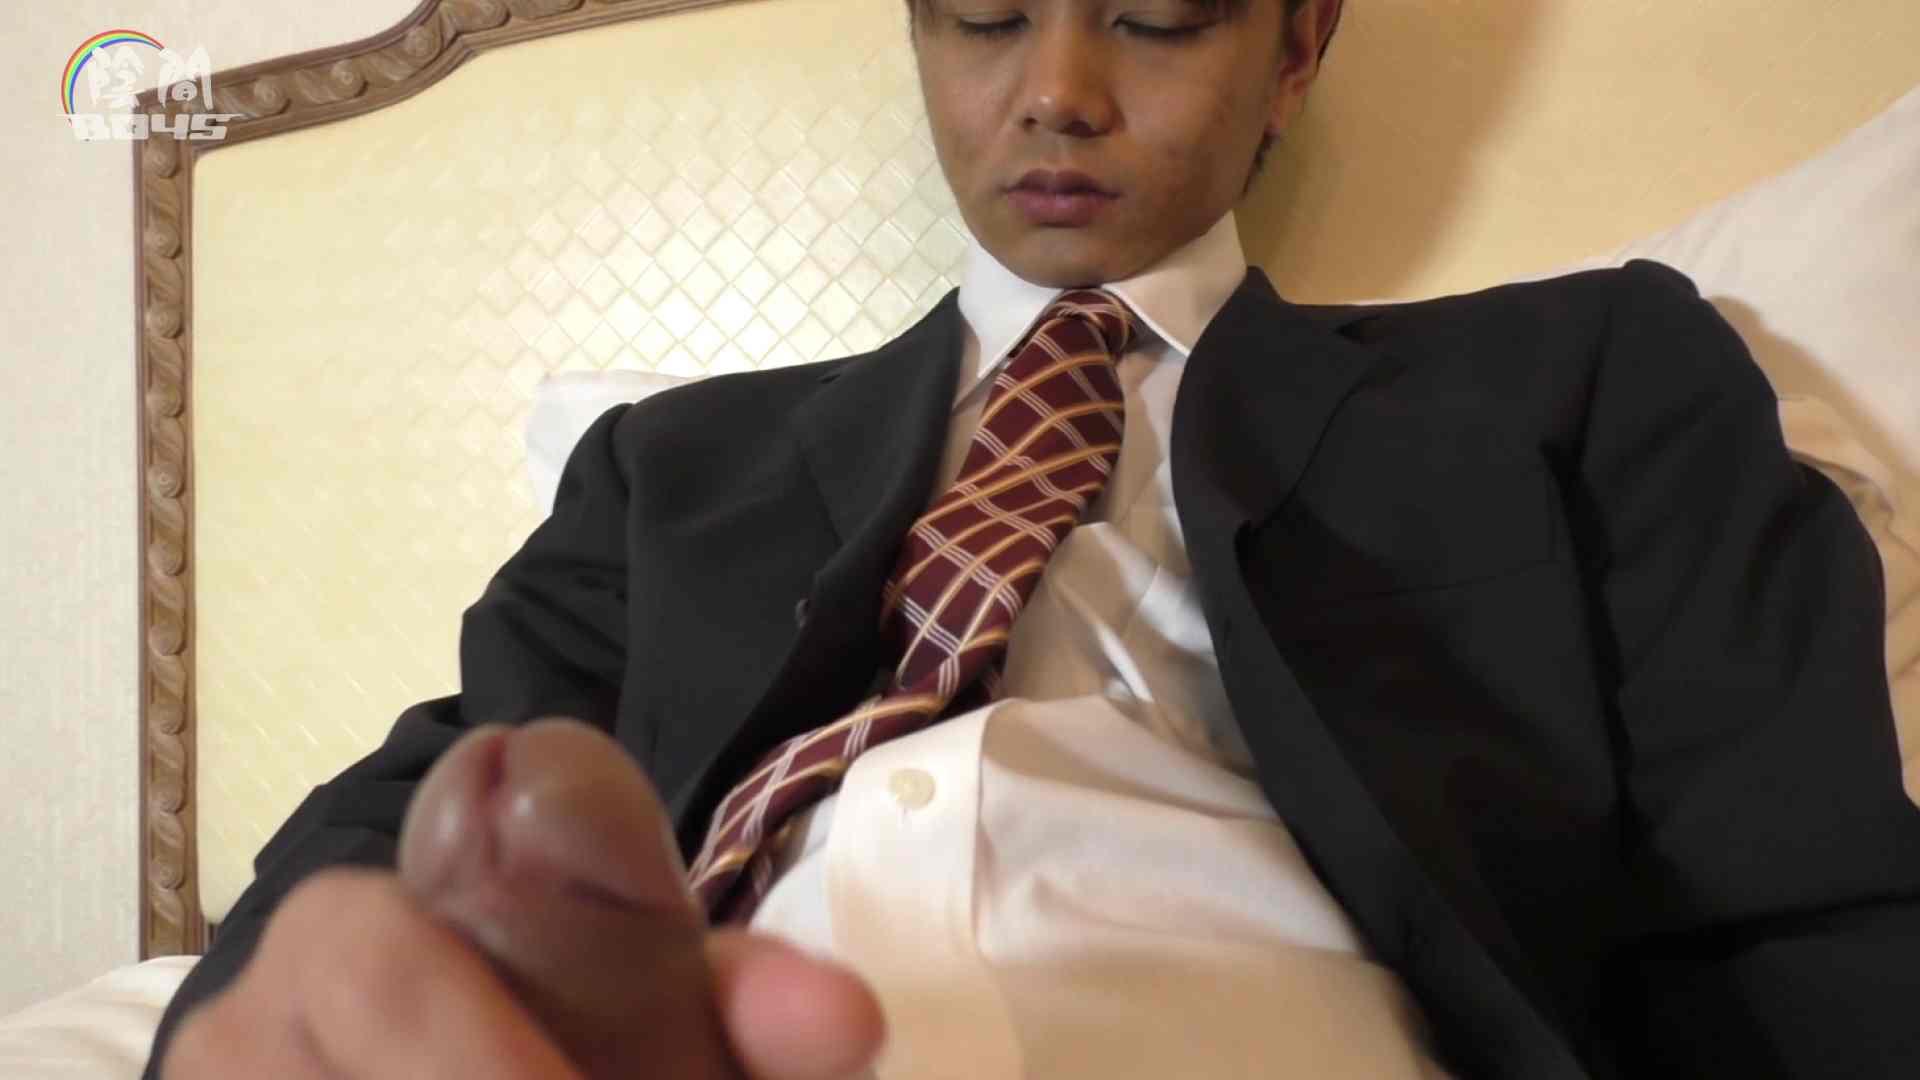 陰間BOYS~キャバクラの仕事はアナルから4 Vol.02 モザ無し エロビデオ紹介 105枚 28